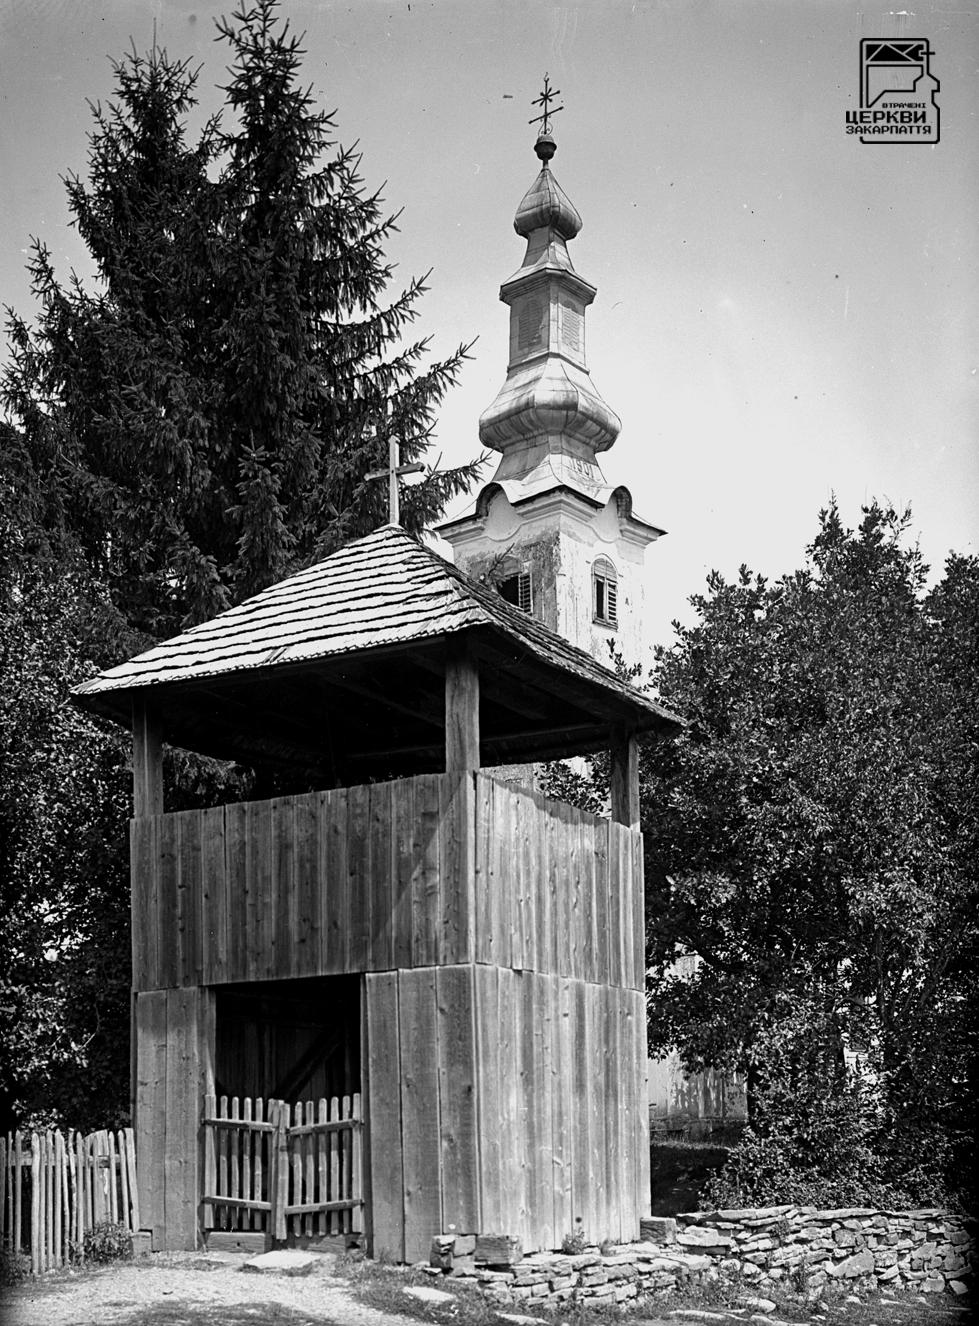 Дзвіниця, ТУР'Ї РЕМЕТИ, село